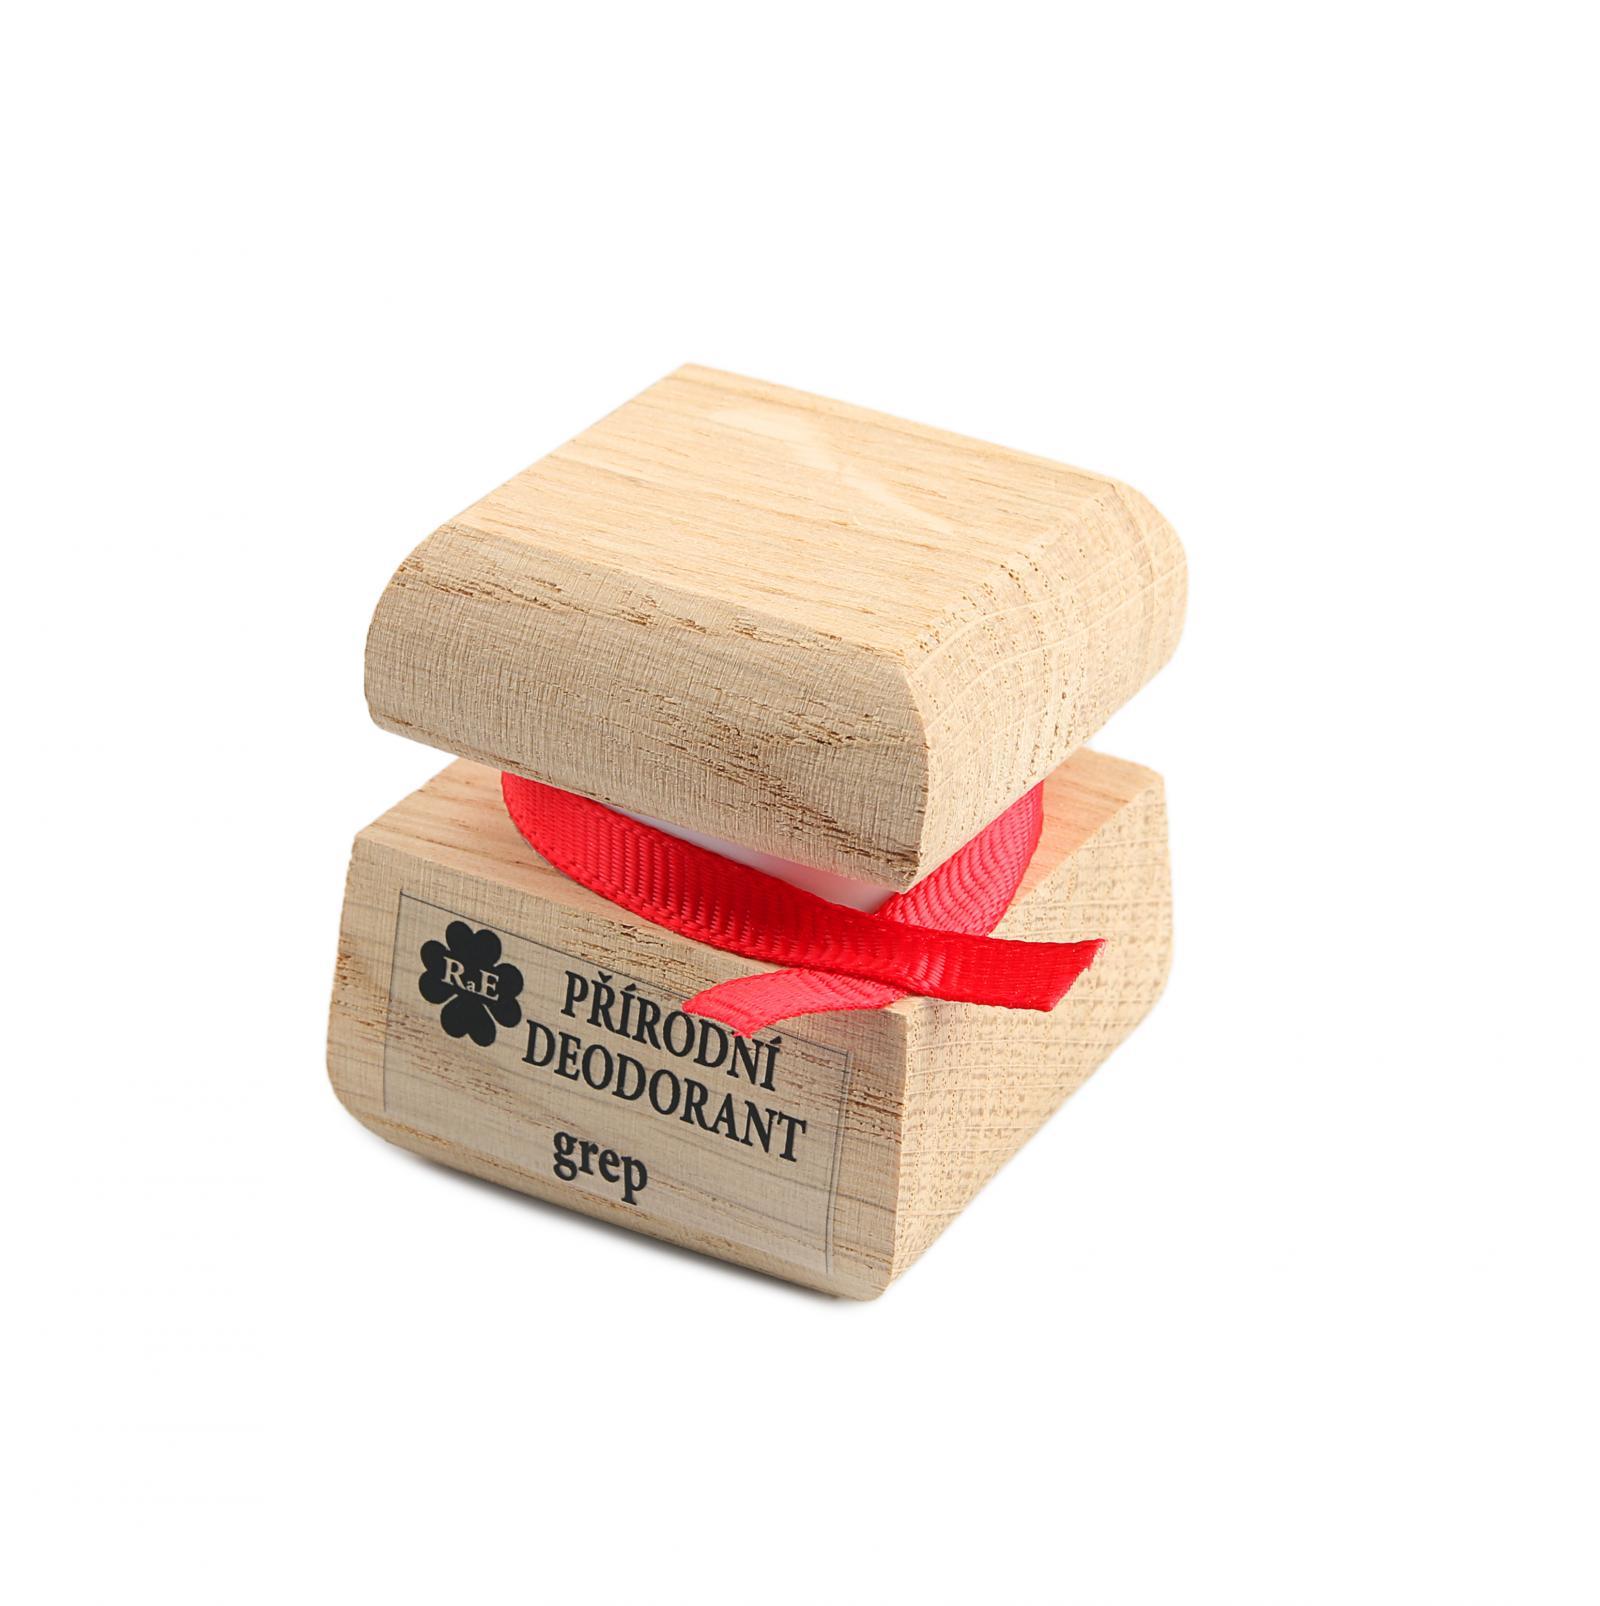 RaE Přírodní krémový deodorant s vůní grepu 15 ml dřevěný obal